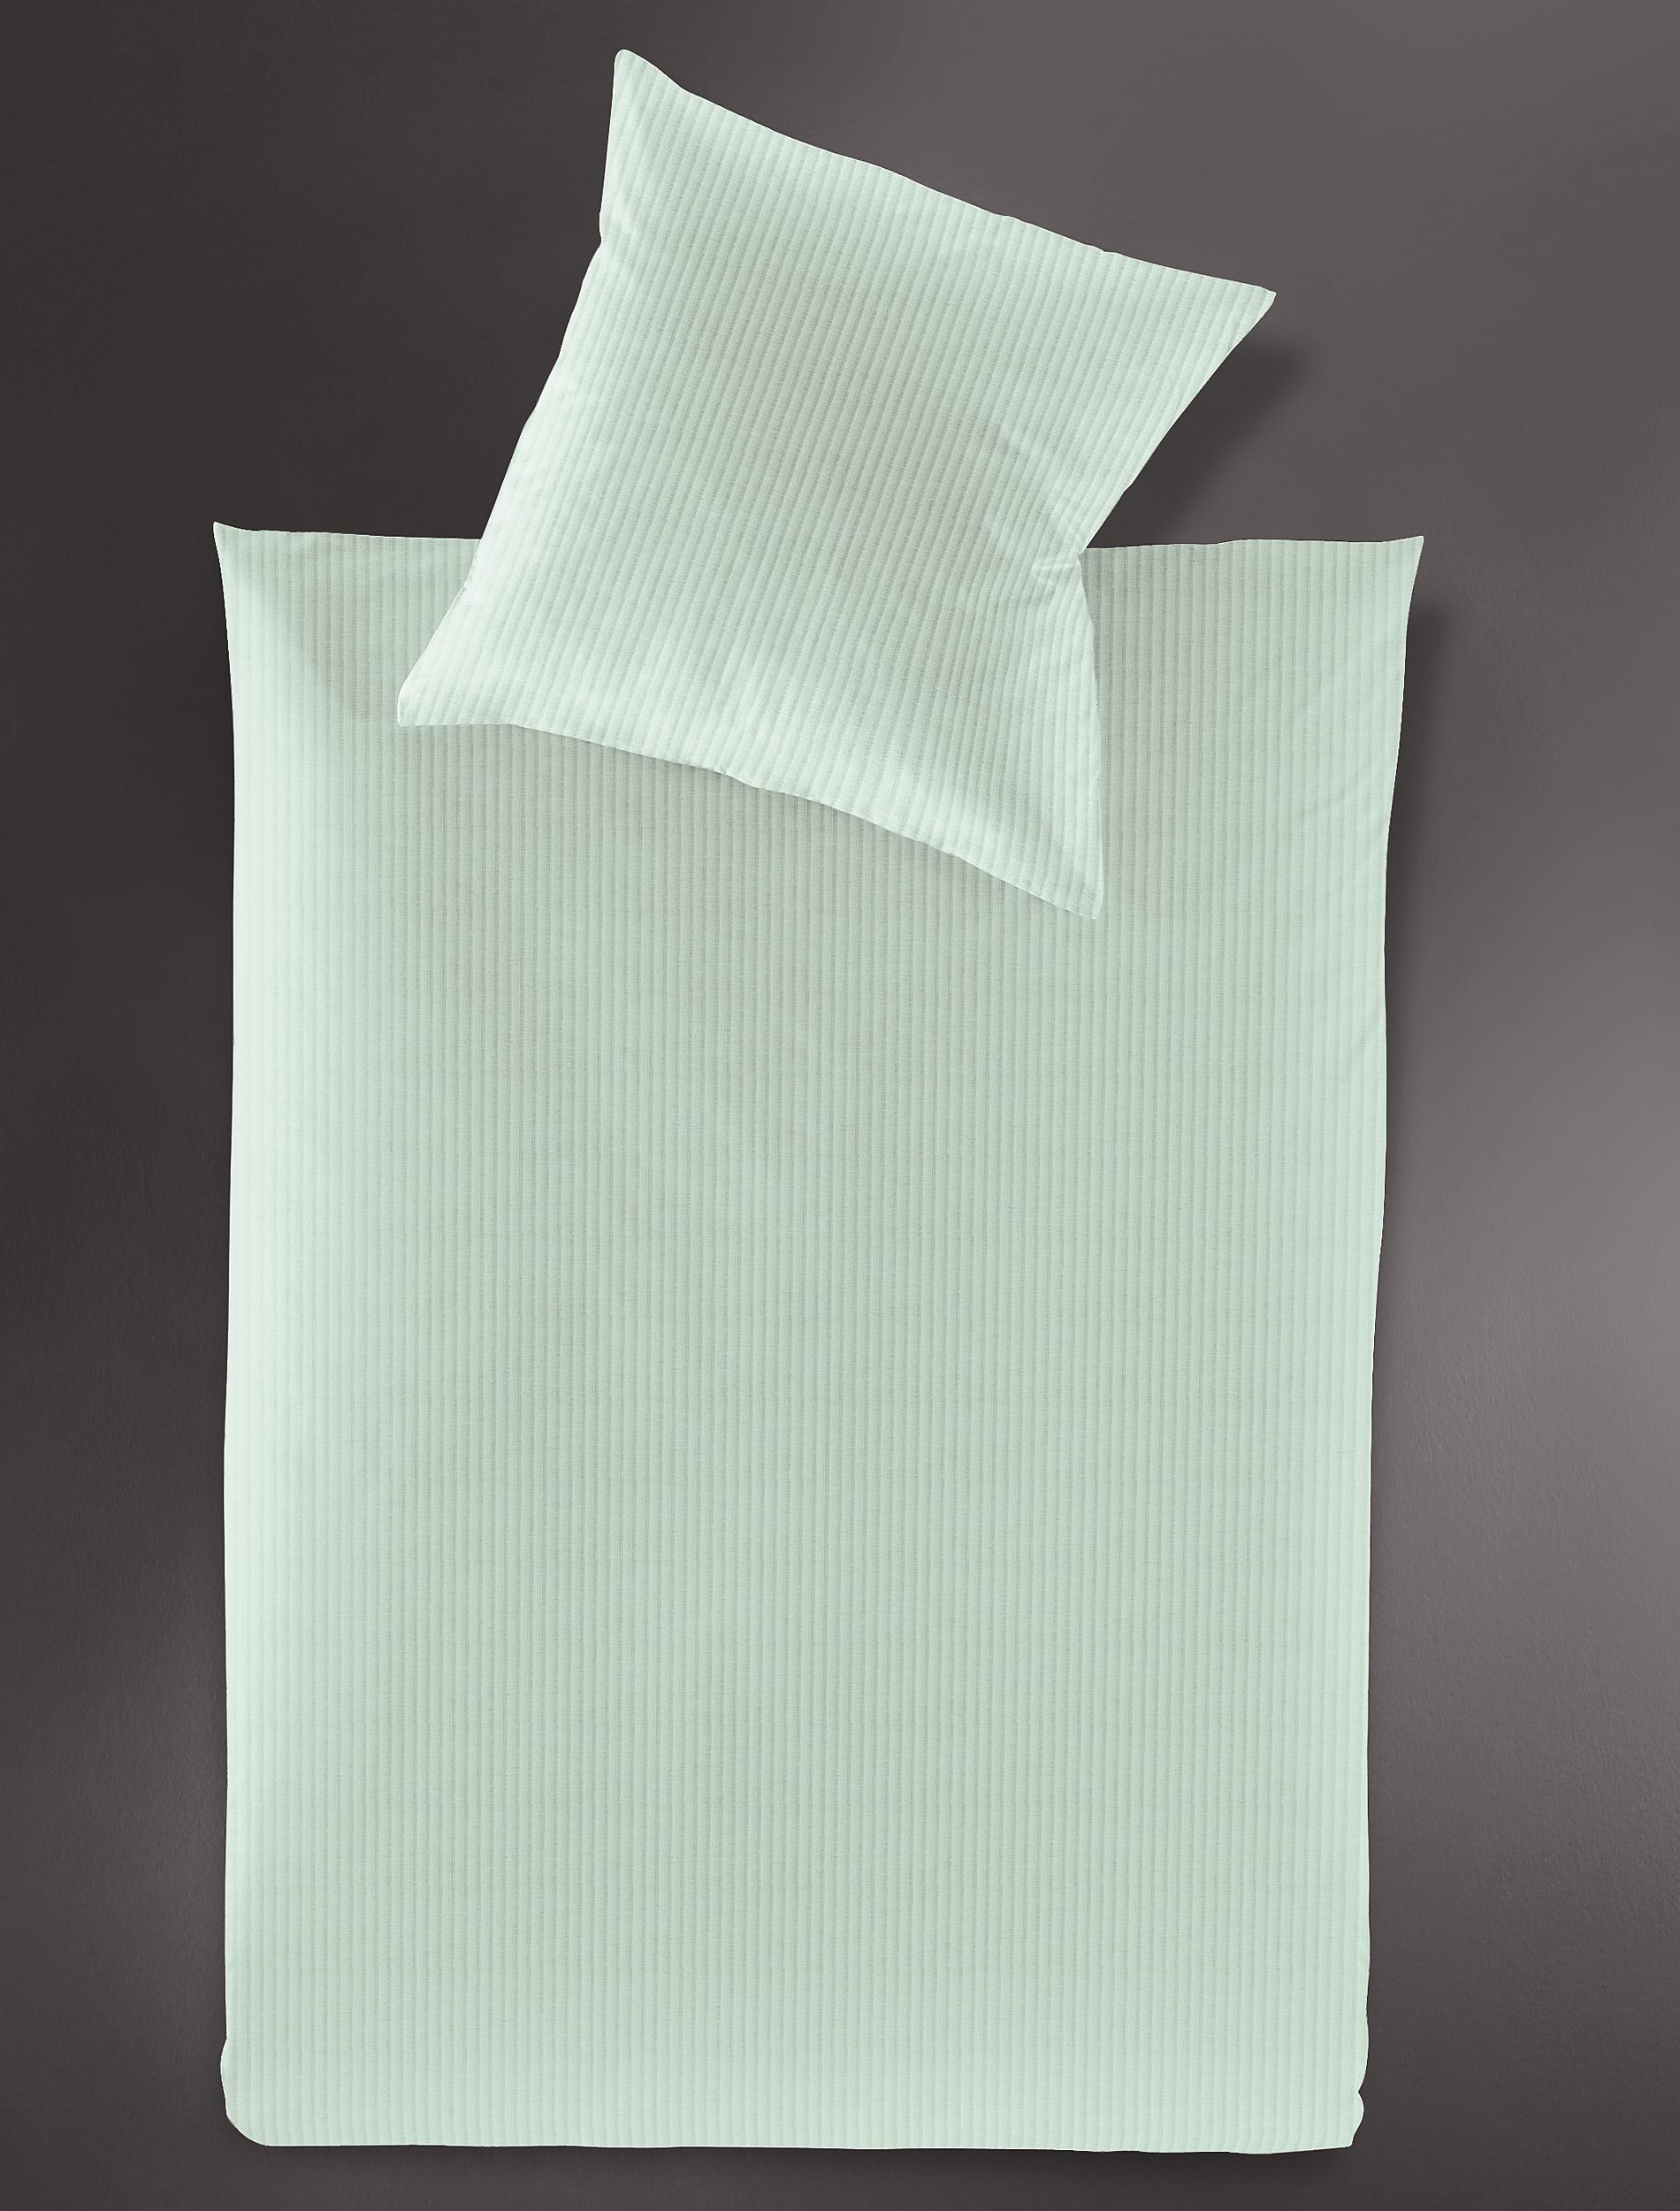 jersey bettw sche set lumen bettw sche bettw sche von irisette schlafdesign f r meinen t r aum. Black Bedroom Furniture Sets. Home Design Ideas